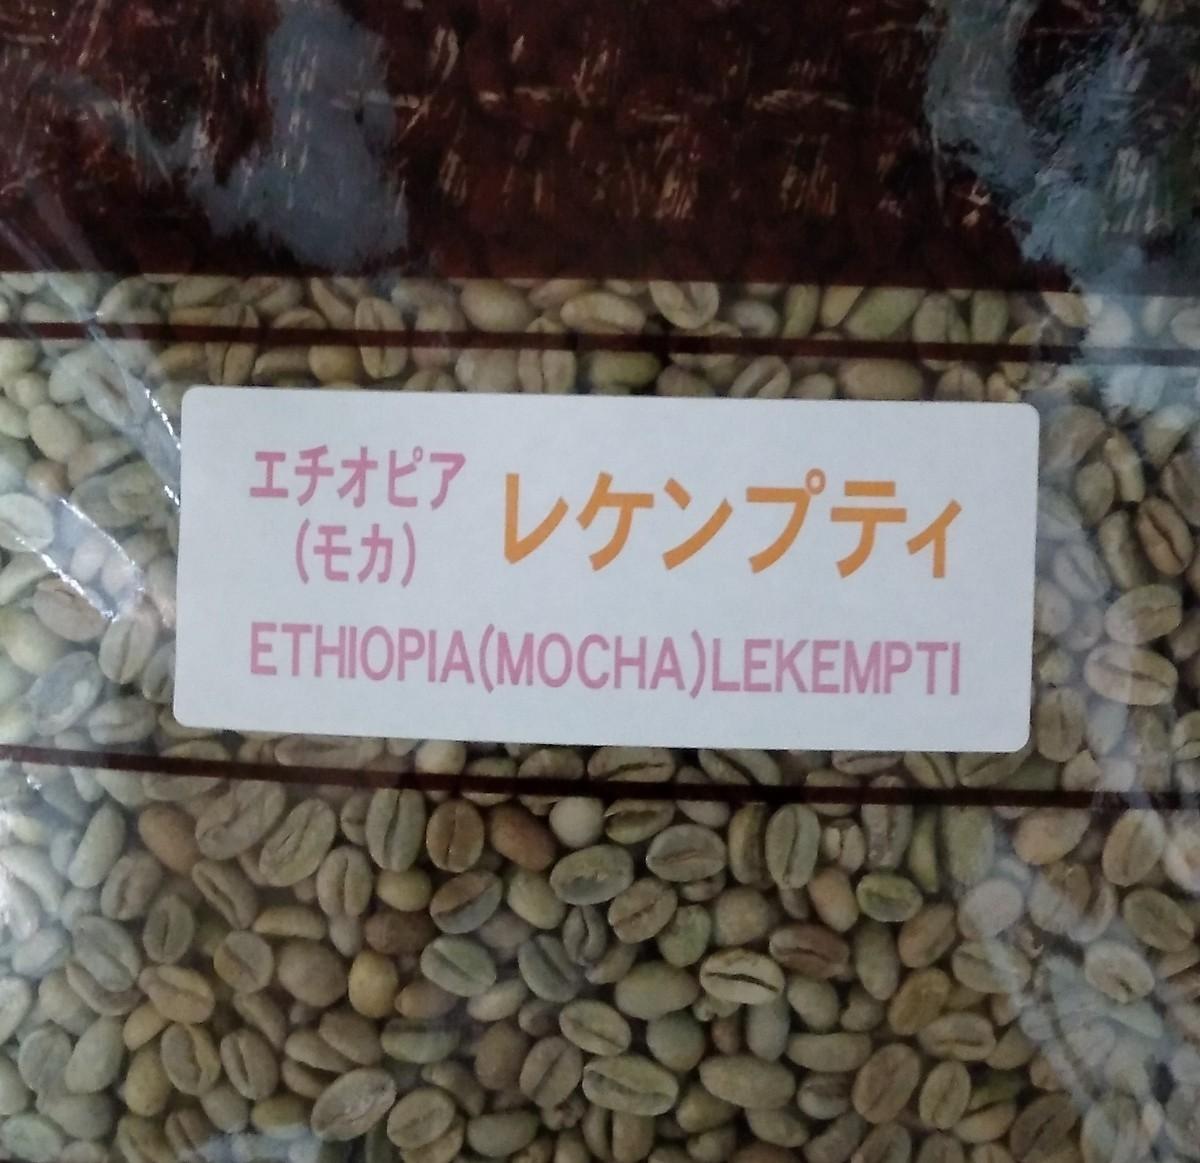 コーヒー豆 エチオピア モカ レケンプティ 800g 焙煎用生豆